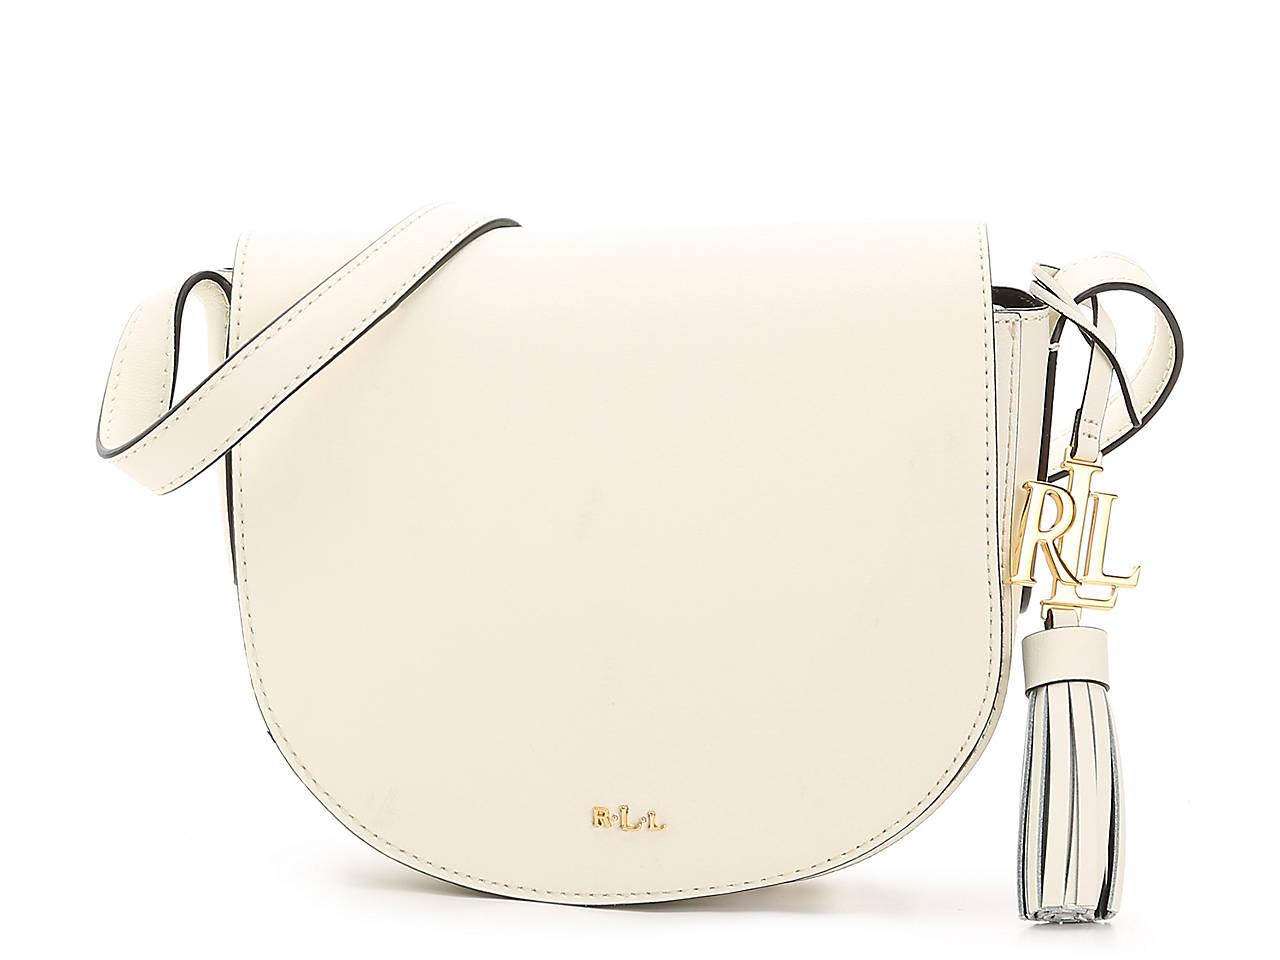 77c9341adc Lauren Ralph Lauren Dryden Caley Leather Crossbody Bag Women s ...